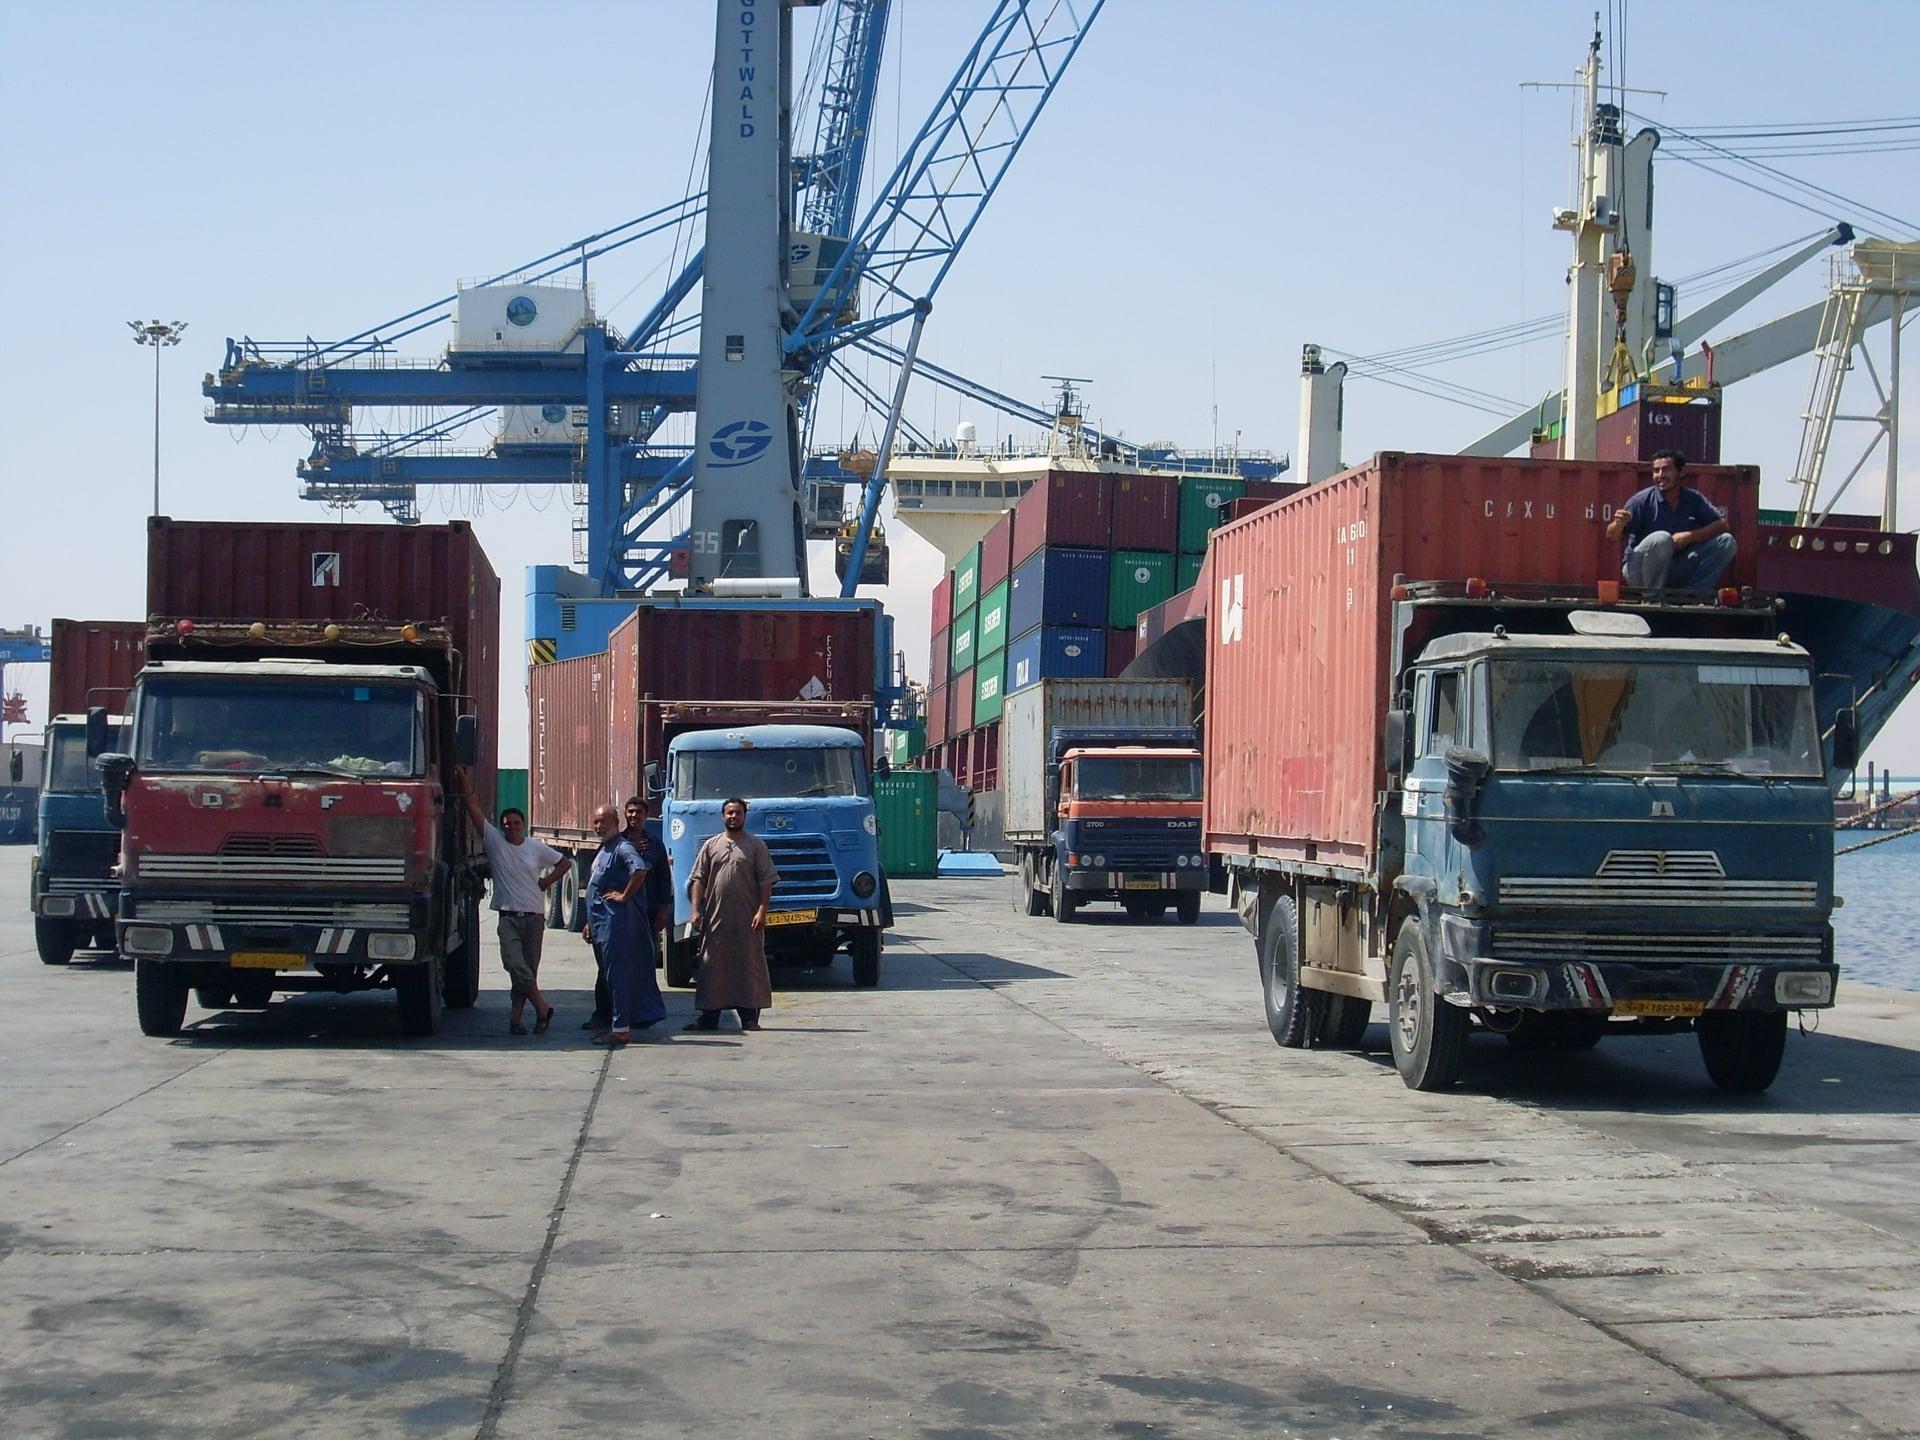 Daf-in-de-haven-van-Tripolie-2018--Ad-van-Heel-geel-archief--(13)